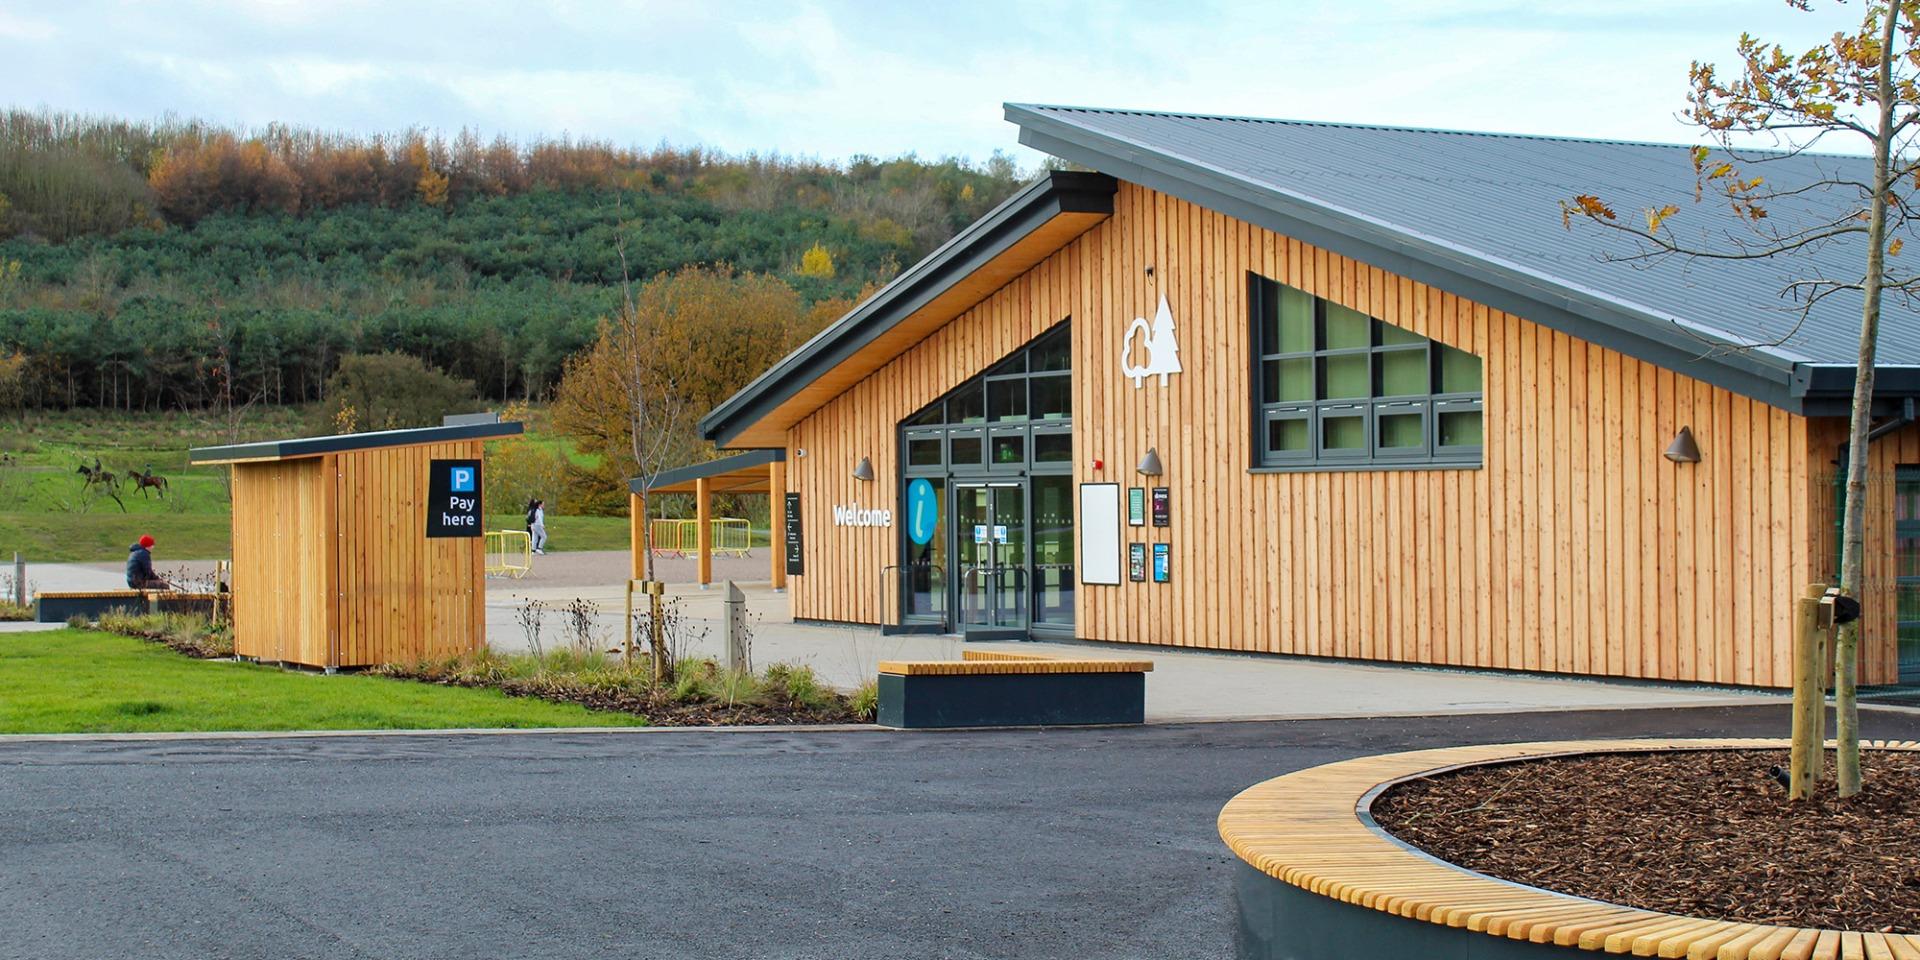 Delamere Forest Visitor Centre